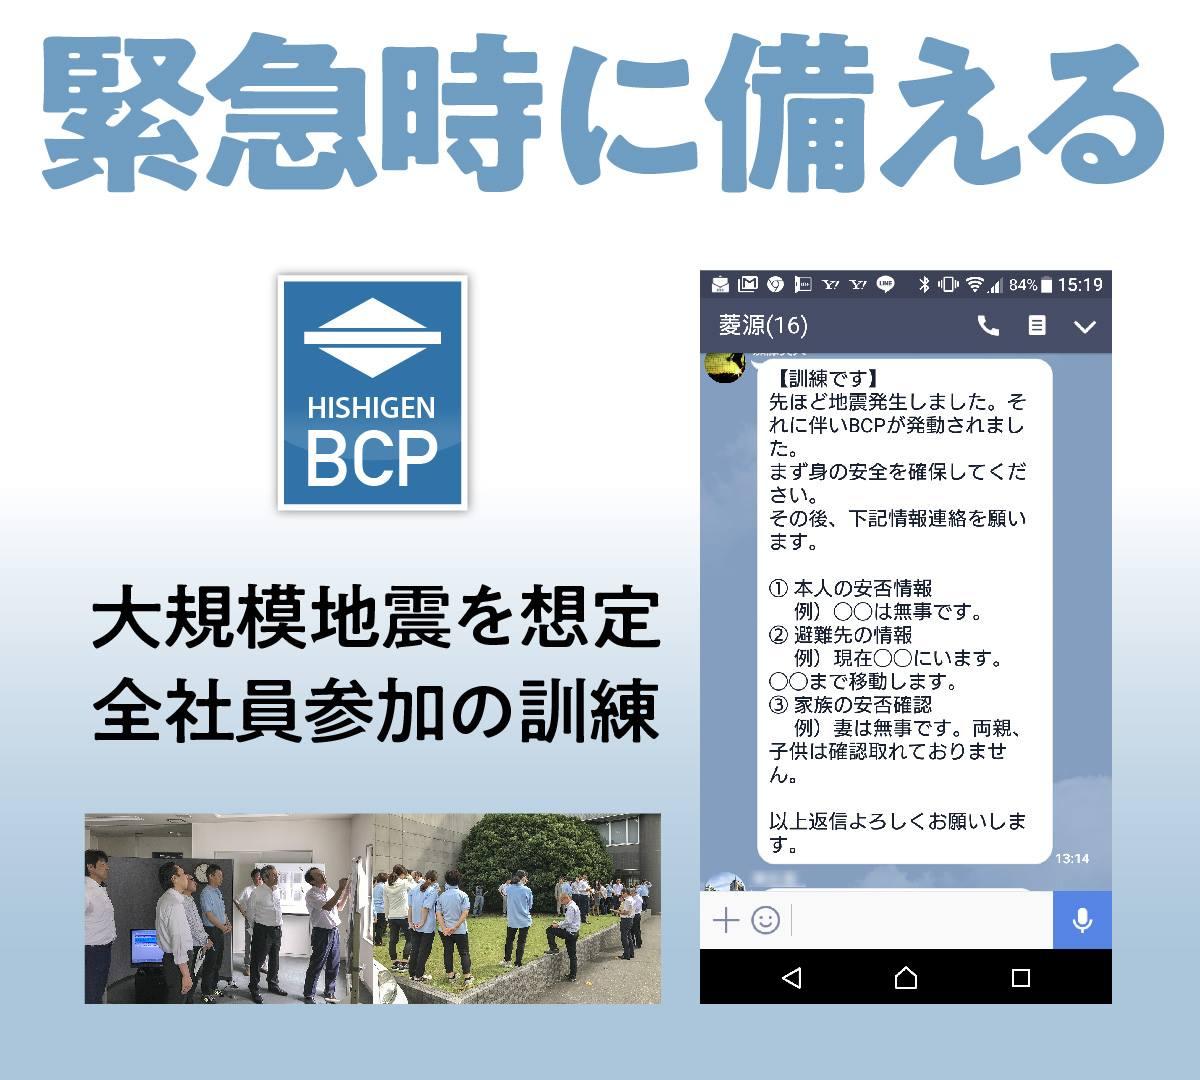 緊急時に備える 大規模地震を想定 全社員参加の訓練